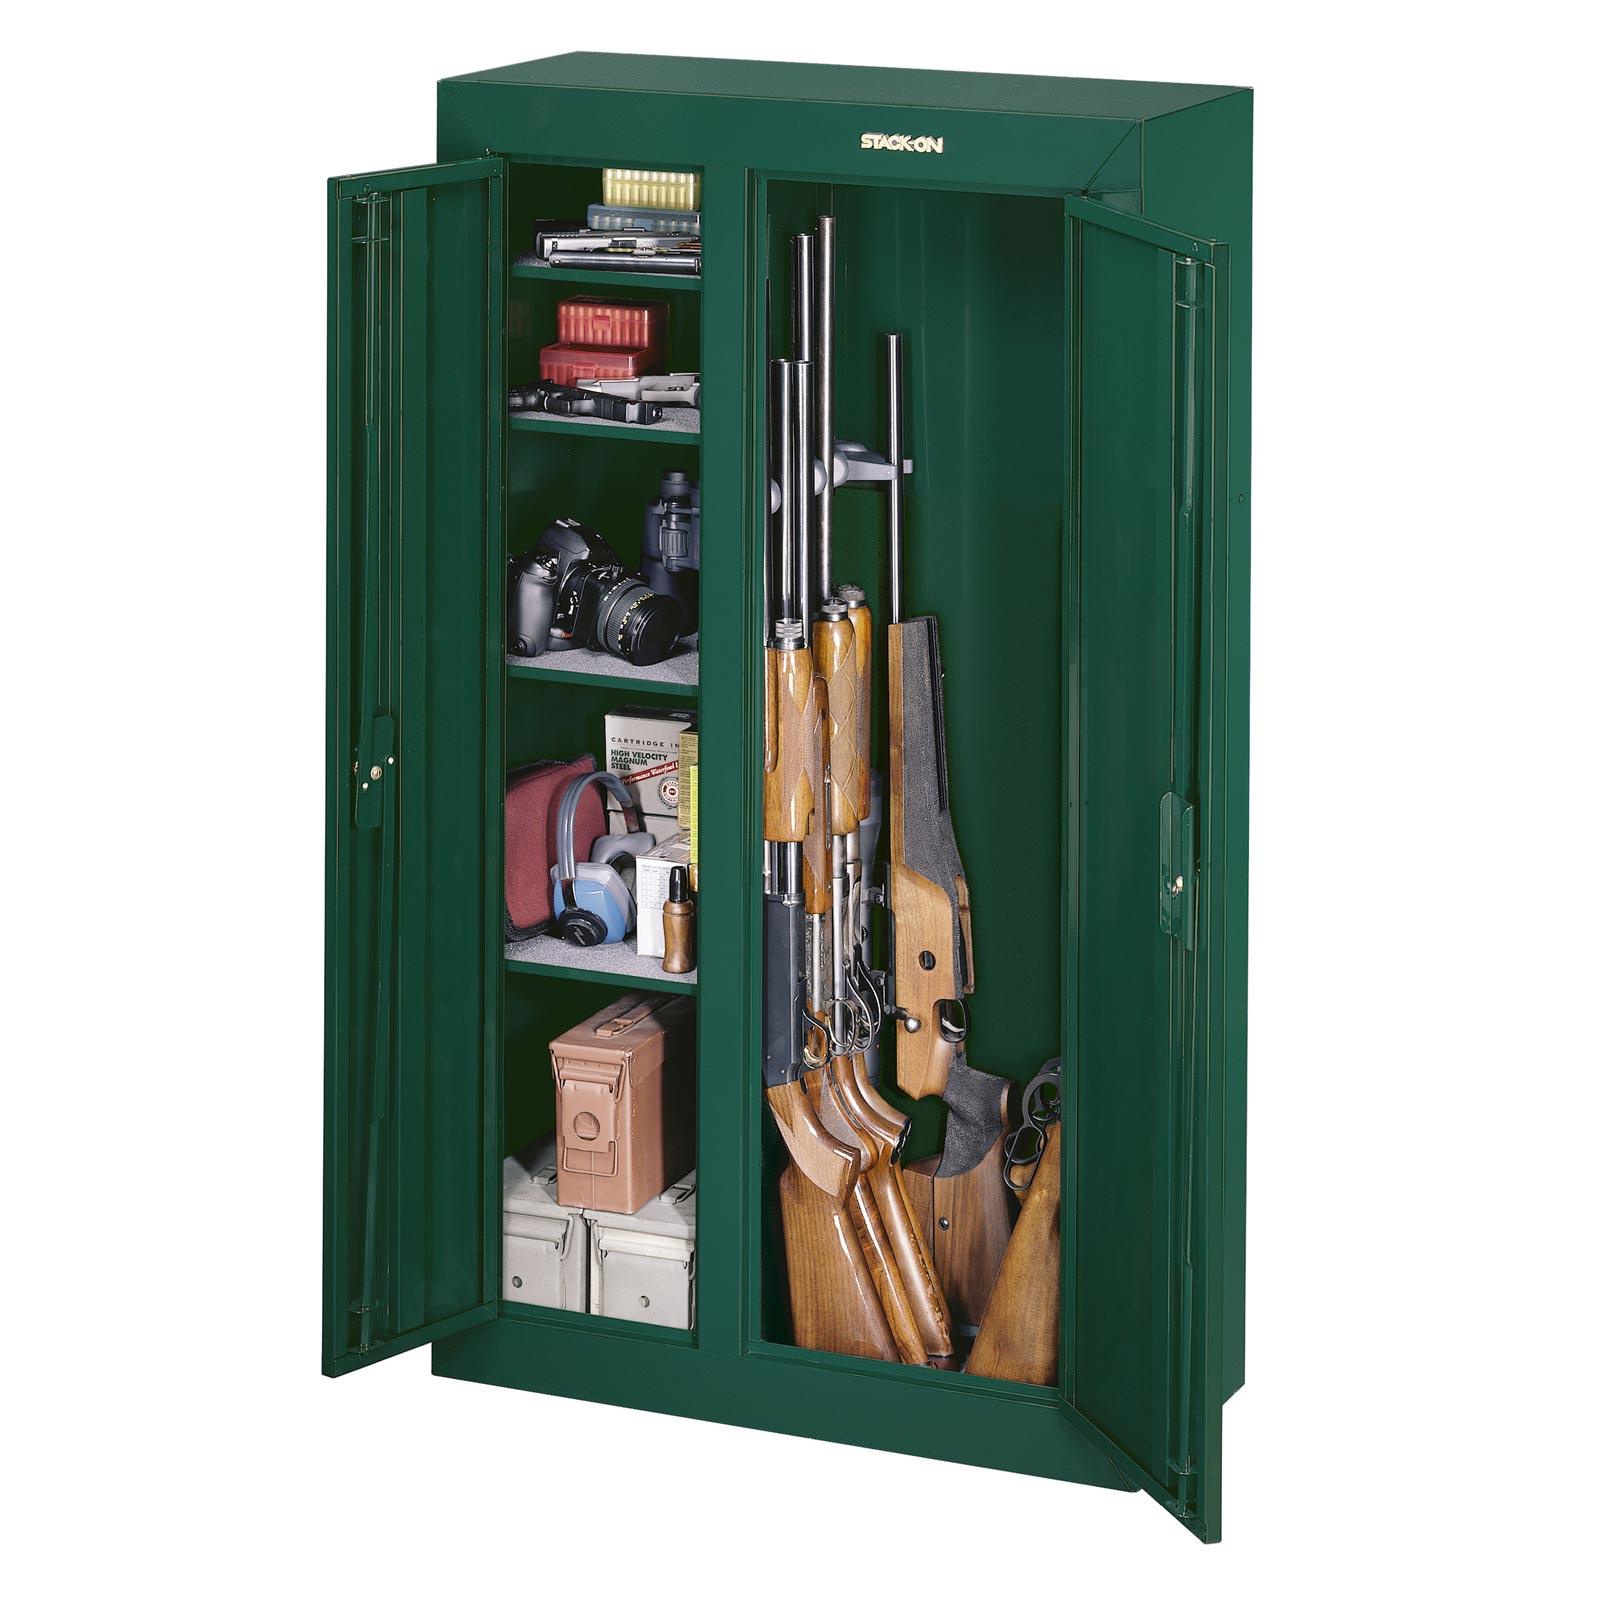 Tremendous Stack On Gcdg 924 Gun Cabinet Double Door Security Cabinet Door Handles Collection Dhjemzonderlifede